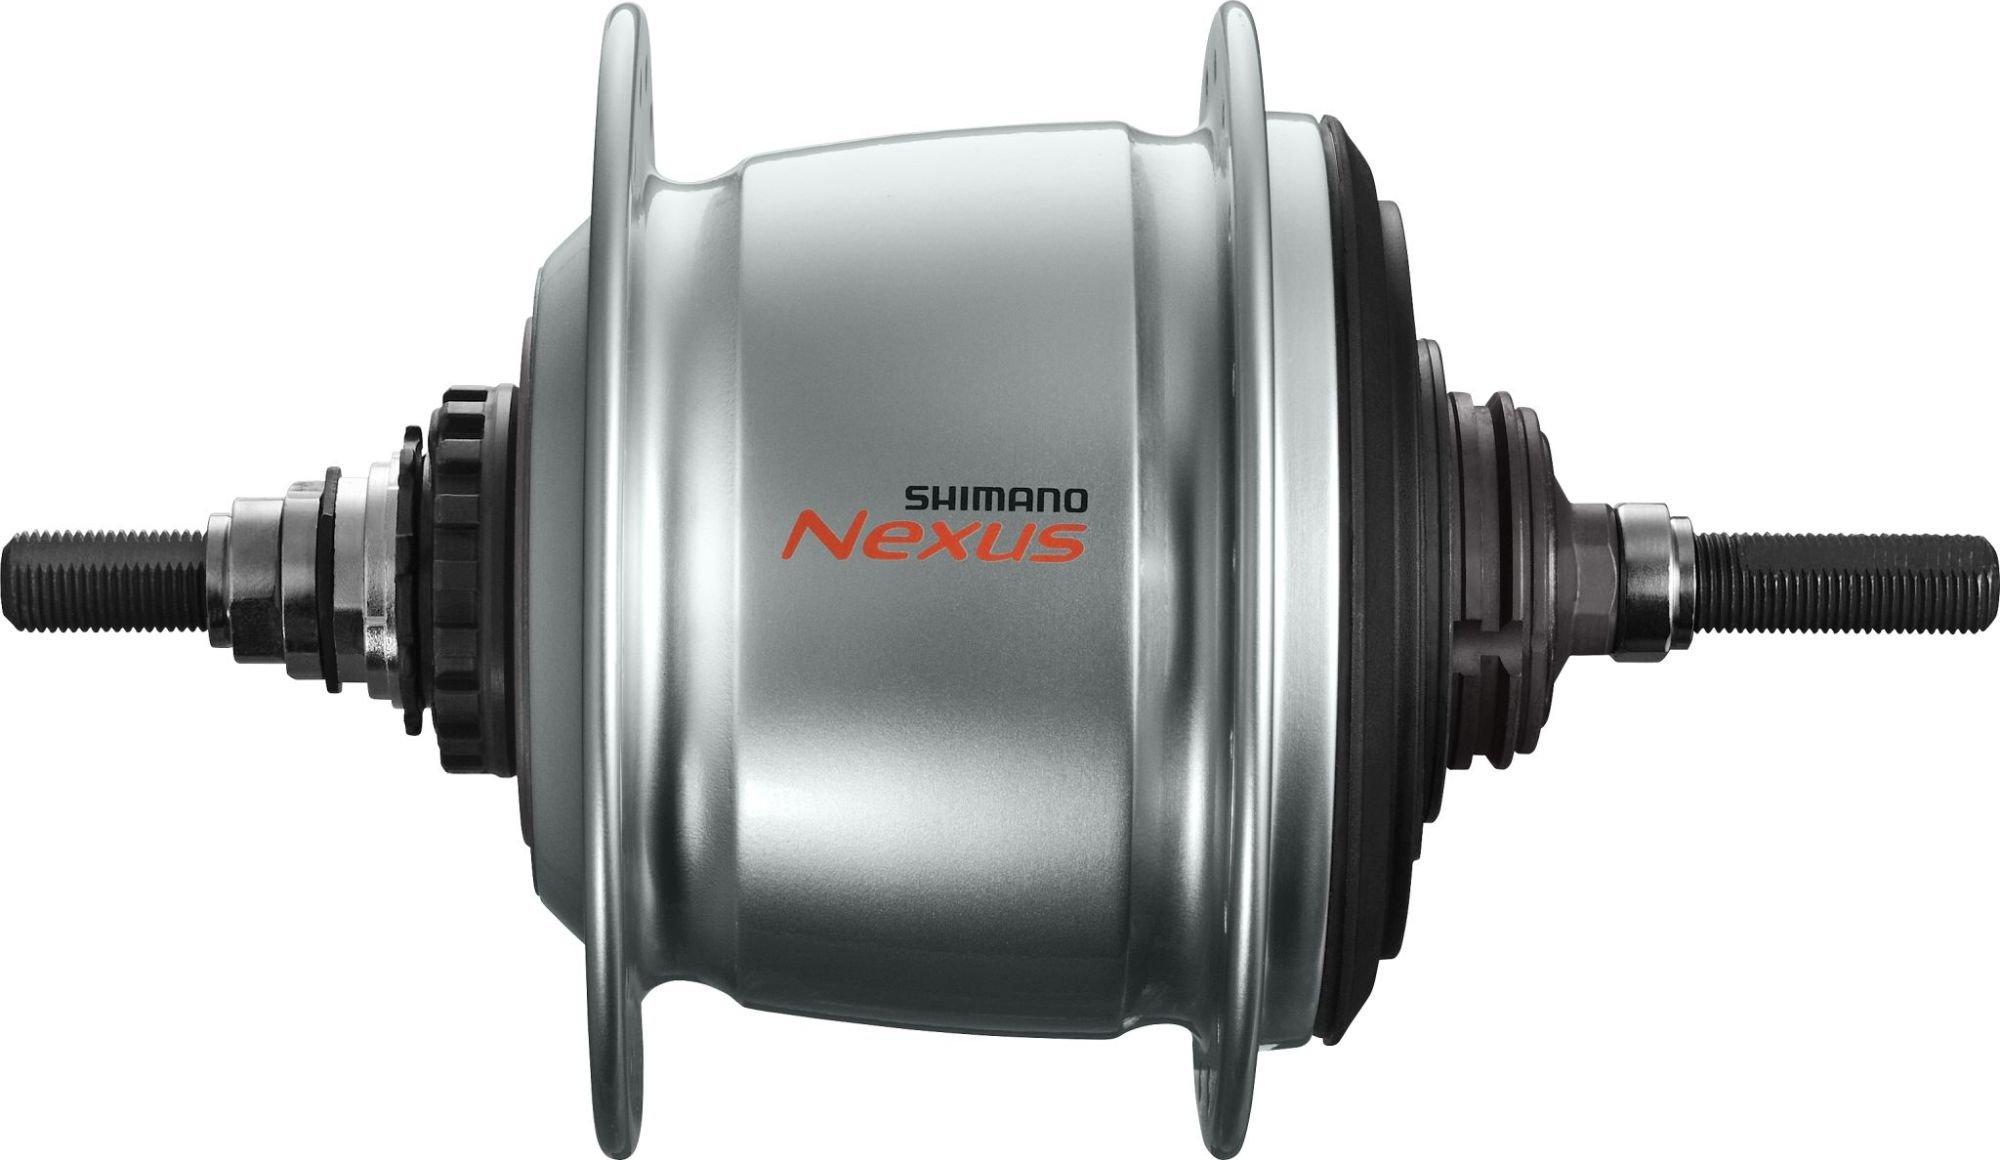 nabenschaltungen: Shimano  C6000-8 Nexus Inter 8 Getriebenabe mit Freilauf